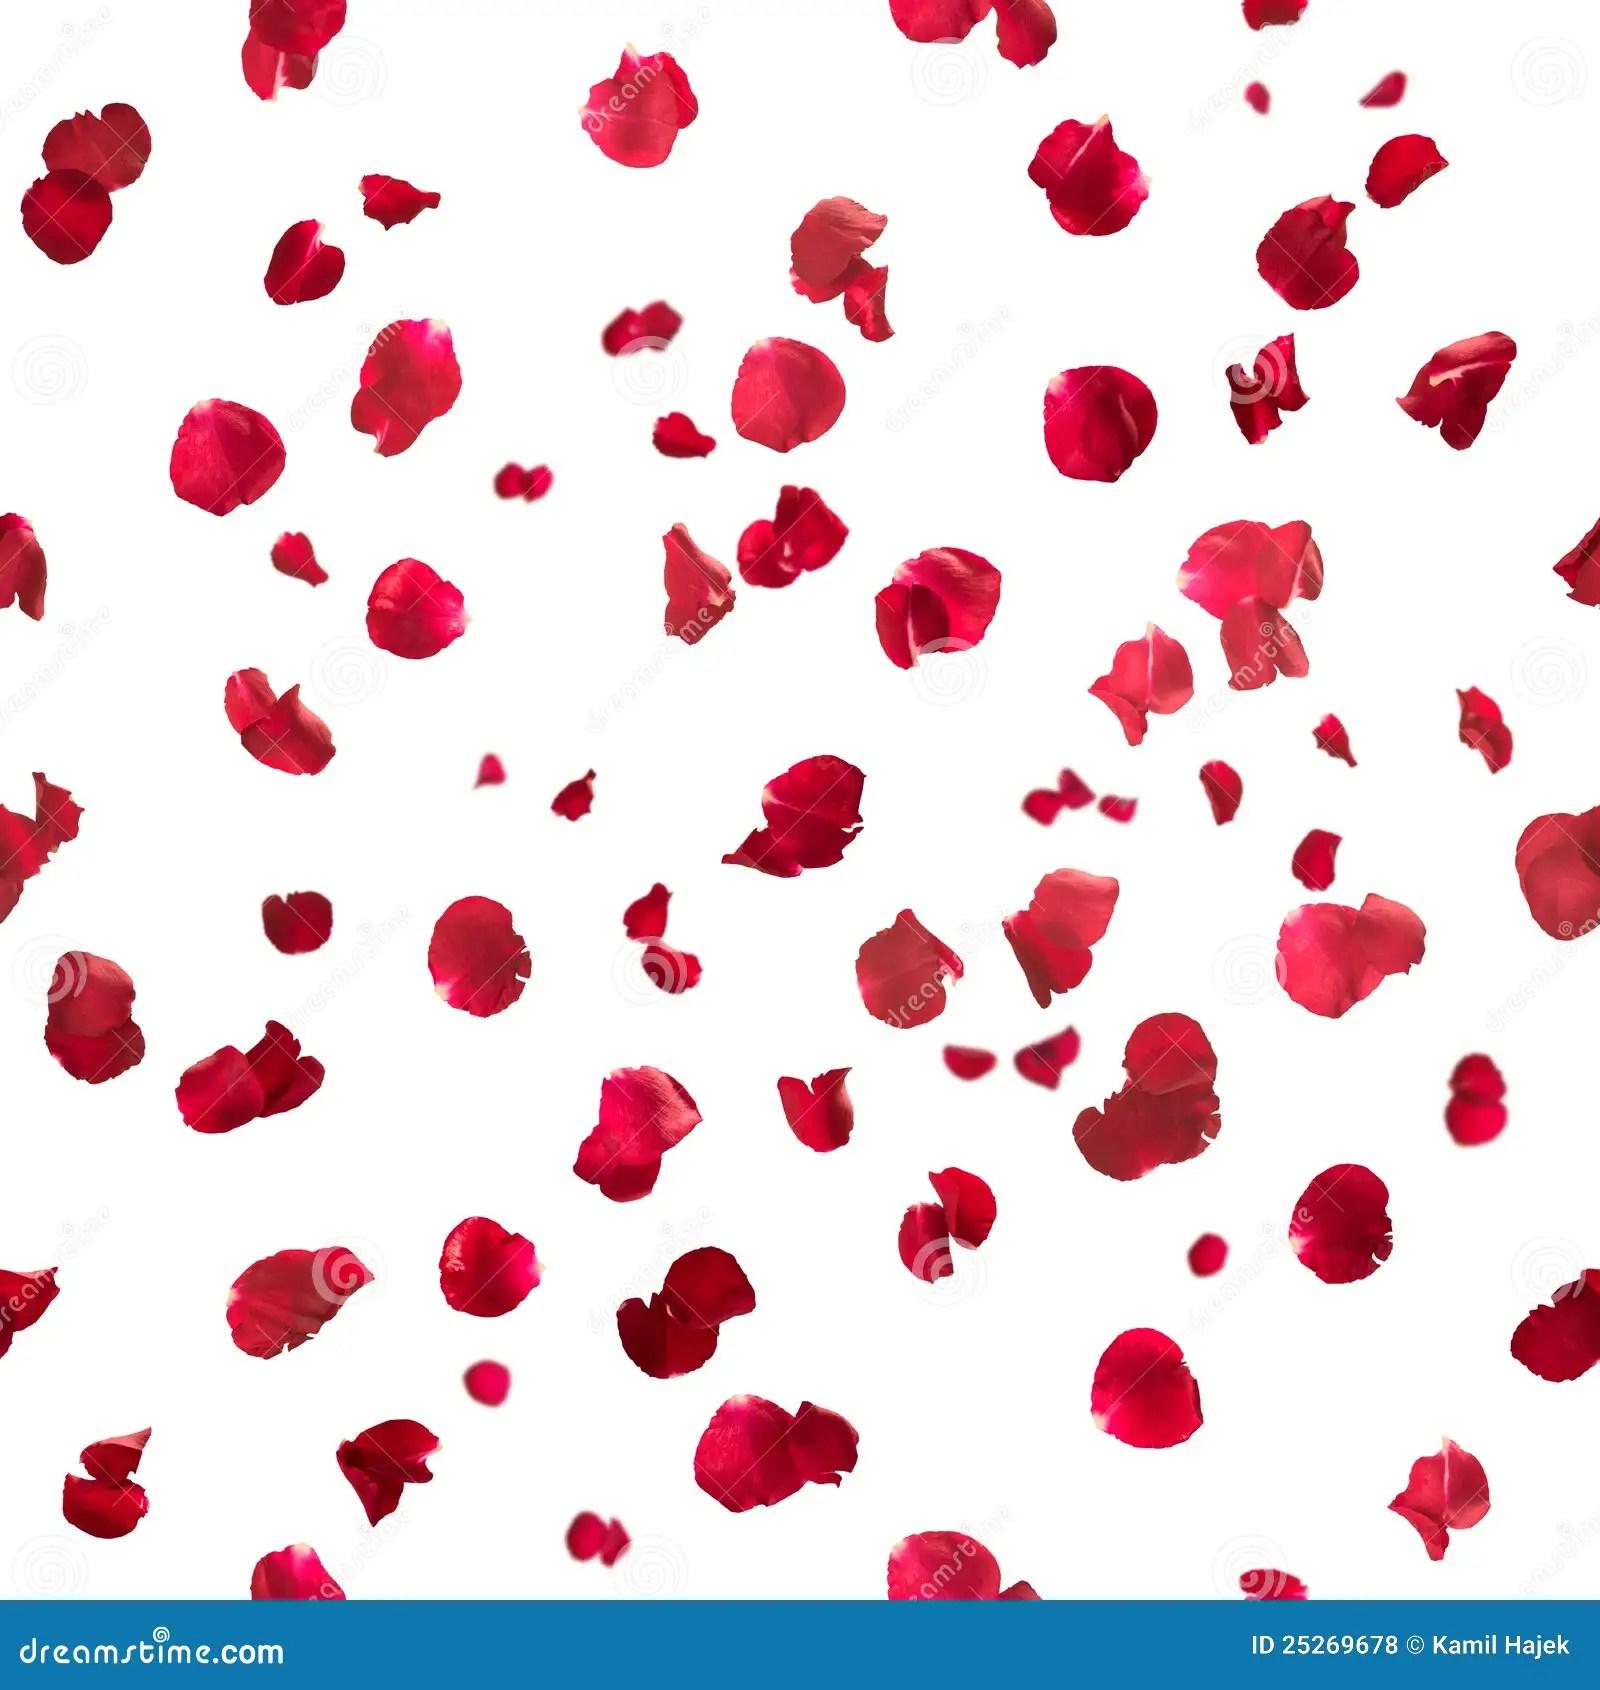 Rose Petals Falling Wallpaper Transparent Gif Seamless Rose Petals Royalty Free Stock Photos Image